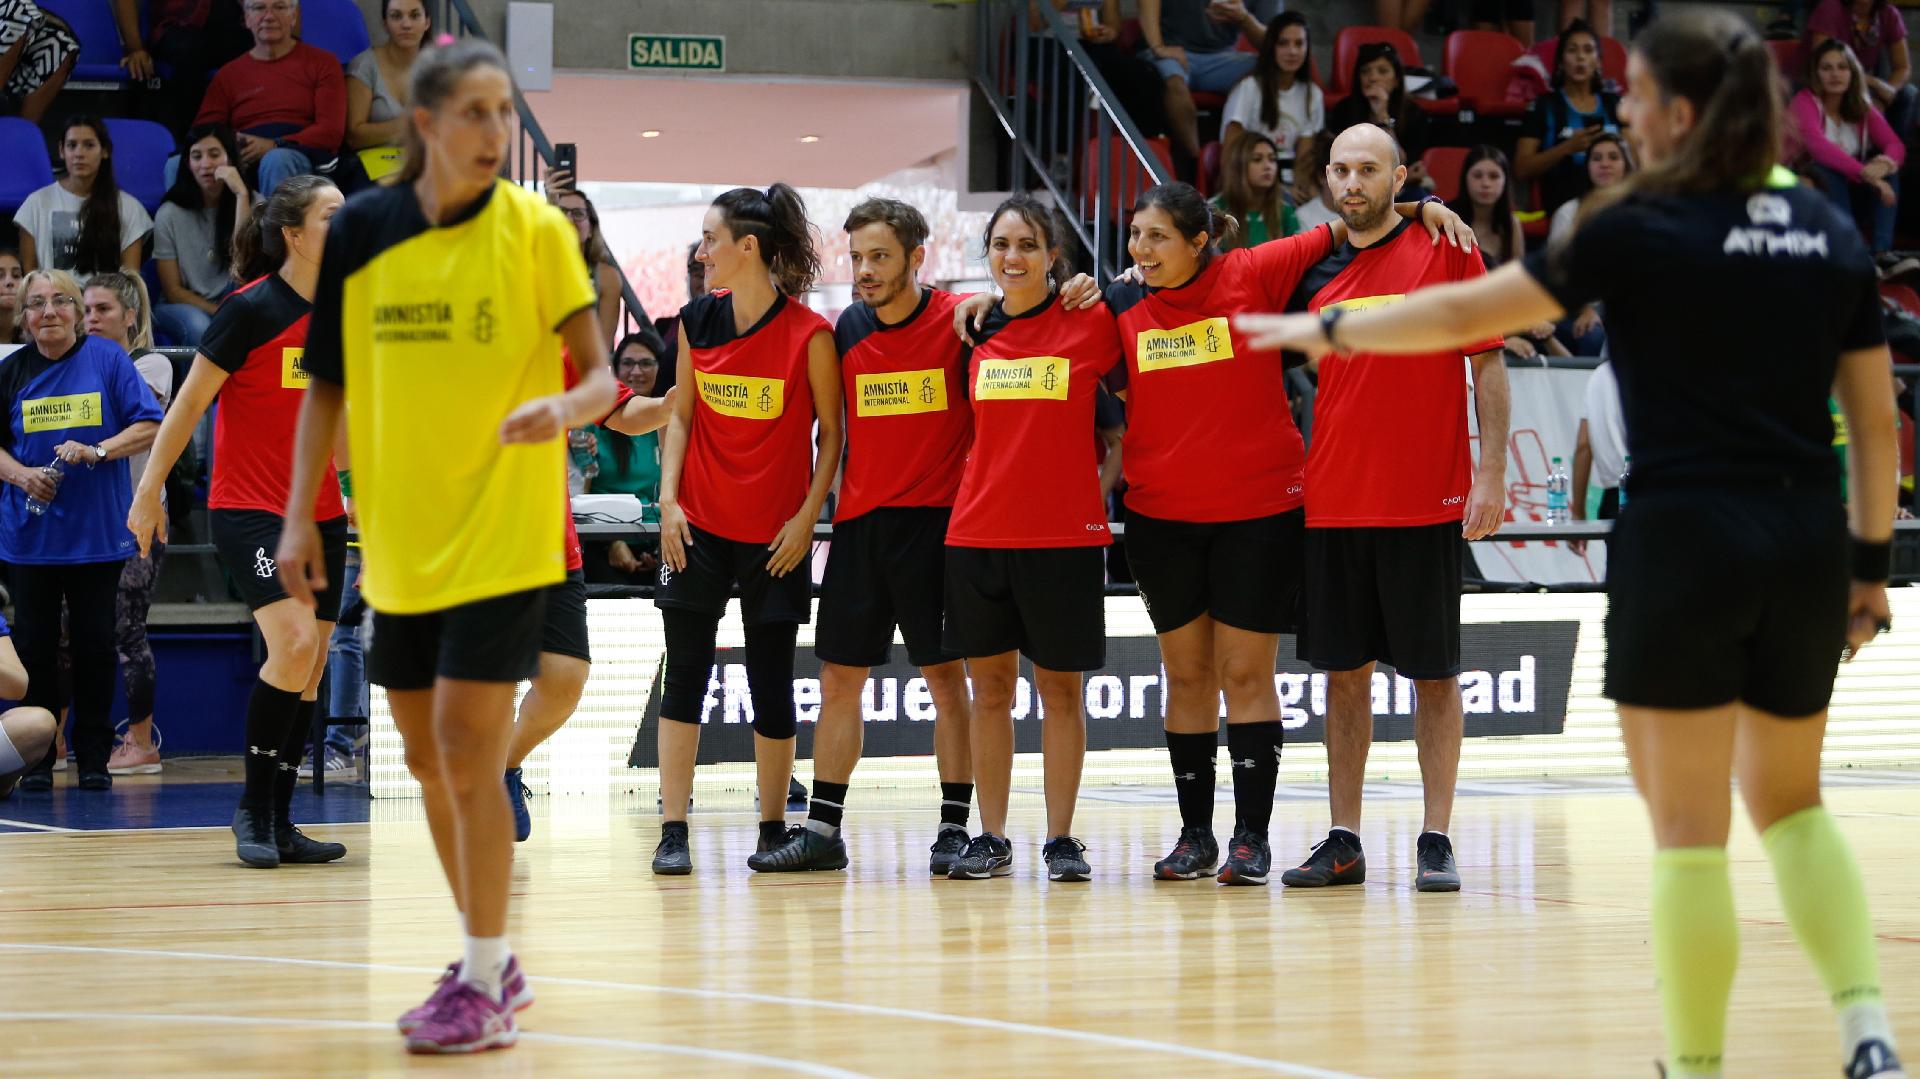 Participaron jugadores y jugadoras, artistas y periodistas (Nicolás Aboaf)